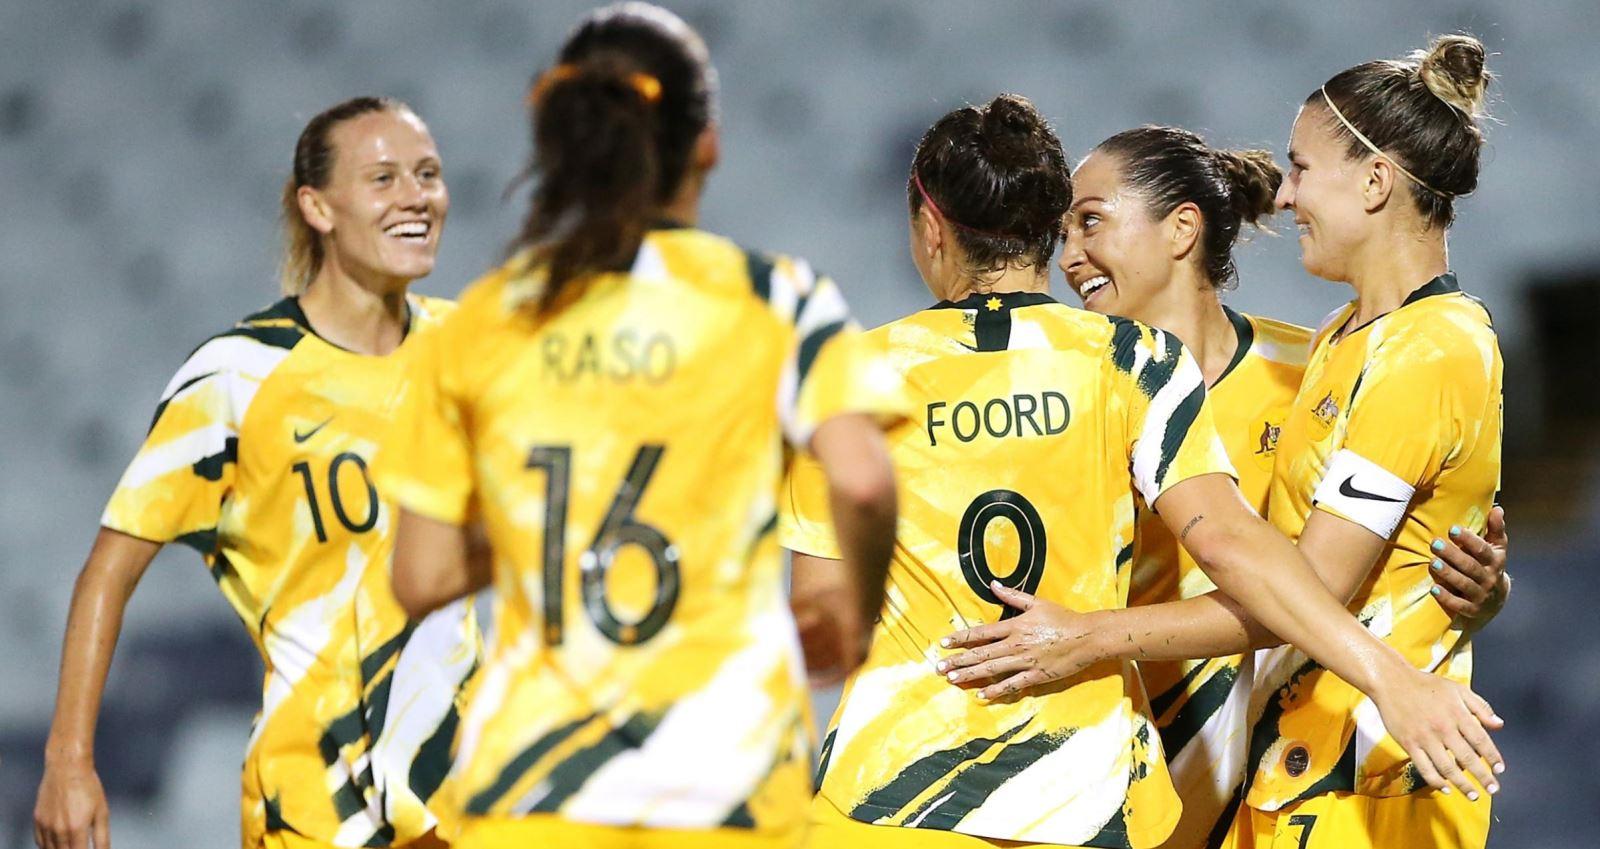 Australia vs Việt Nam, Australia, Việt Nam, trực tiếp bóng đá, trực tiếp Australia vs Việt Nam, vòng play-off Olympic 2020, lịch thi đấu bóng đá